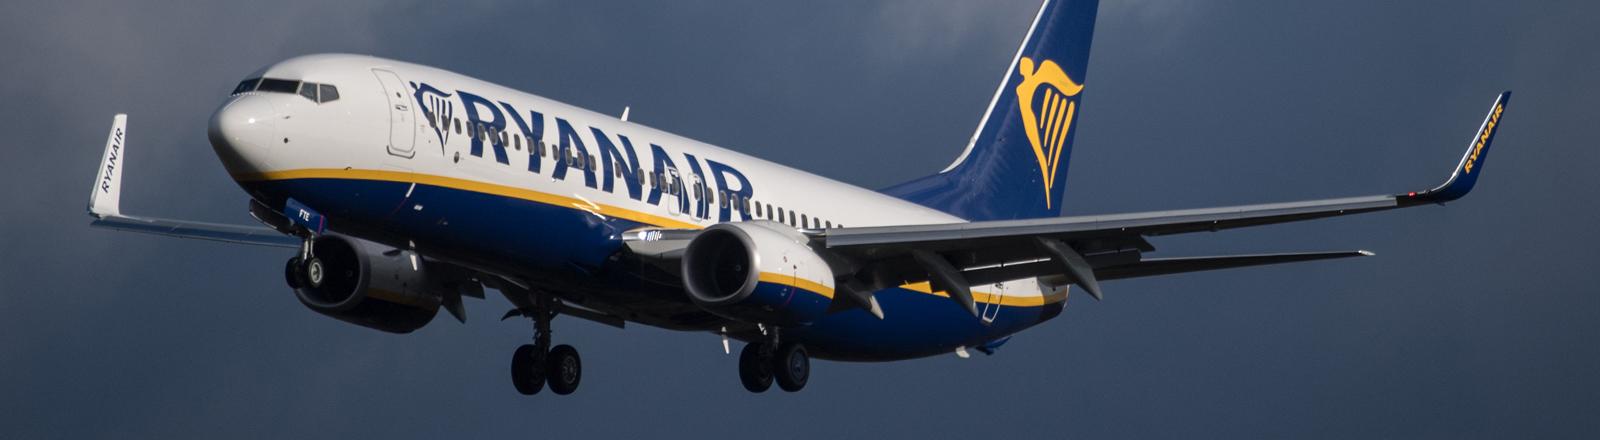 Ryanair-Flieger in der Luft (Symbolbild)